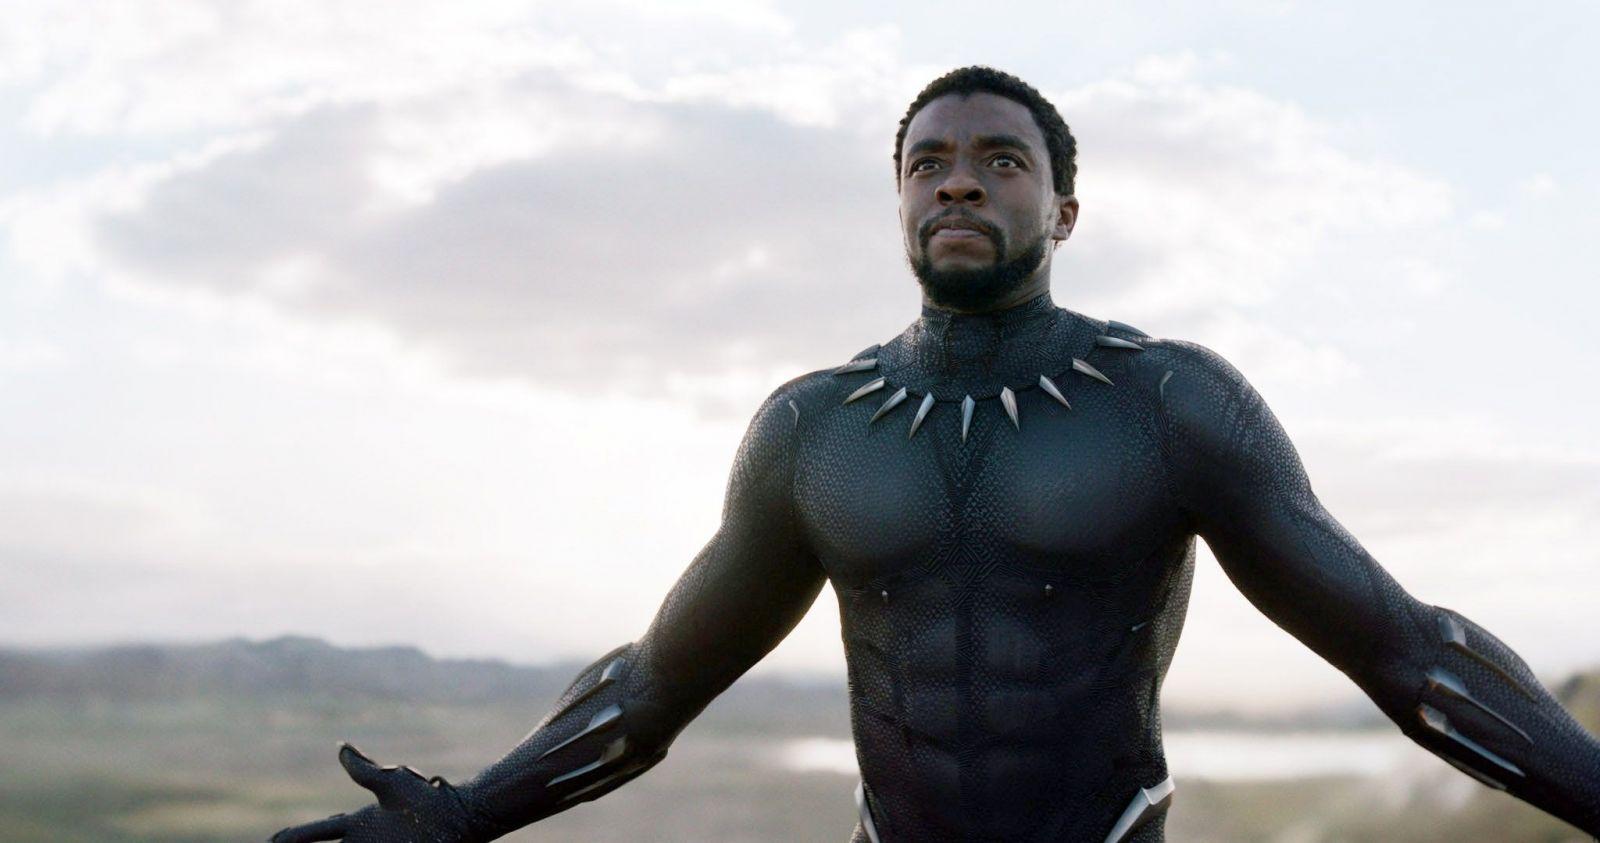 Svet Marvelu: Vymení Chadwicka Bosemana v role Black Panthera nový herec alebo sa zrušia všetky pokračovania?